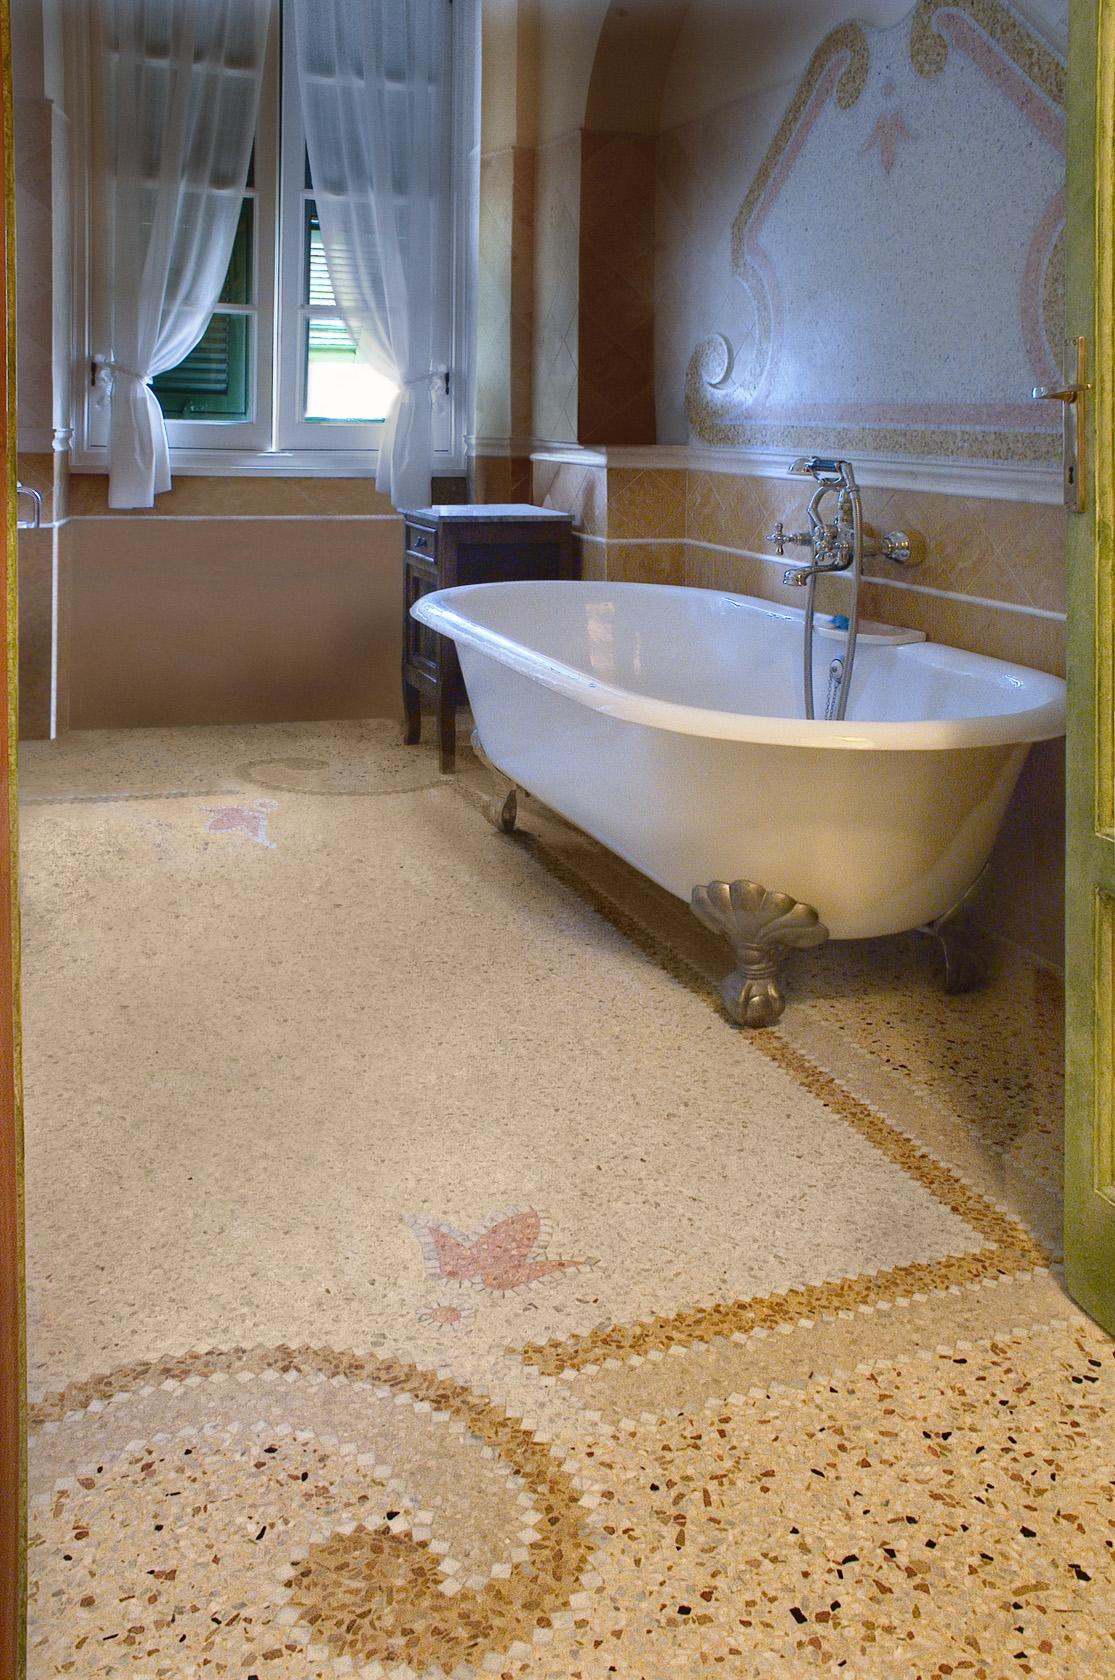 Vigo mosaici arredo bagno in graniglia alla genovese con vasca devon and devon - Arredo bagno mosaico ...